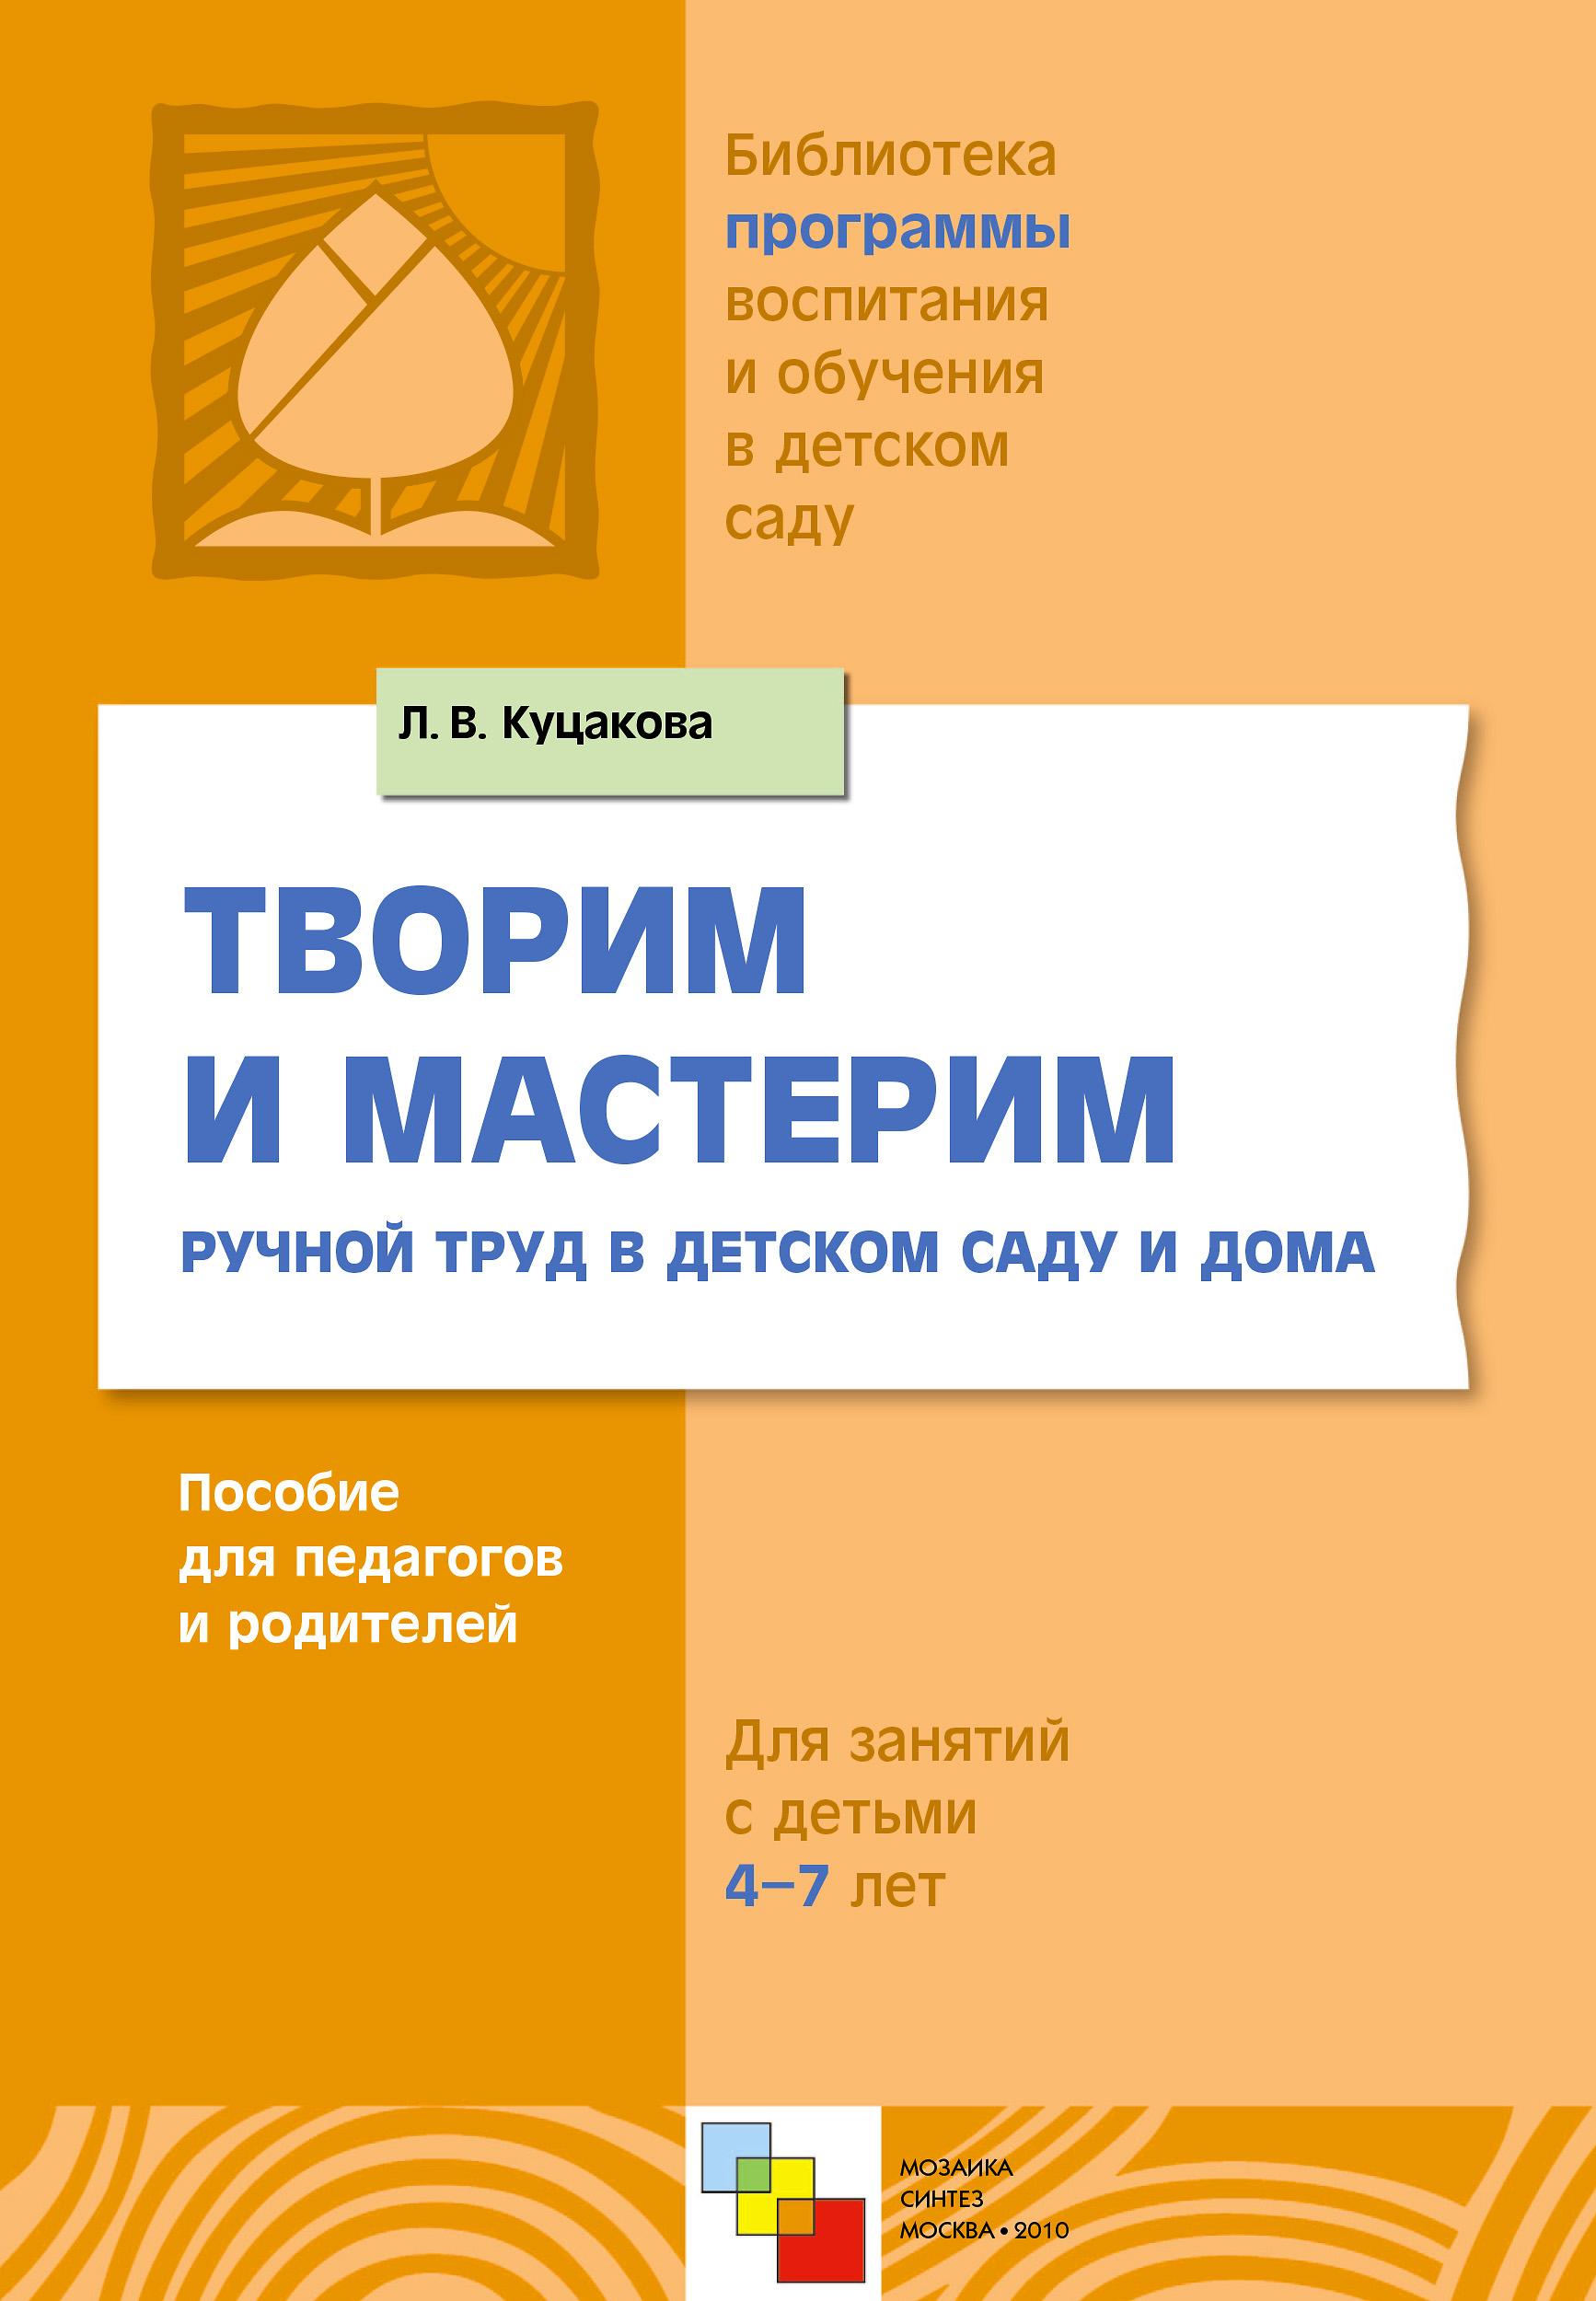 Учебник Творим и мастерим. Ручной труд в детском саду и дома | Людмила Куцакова